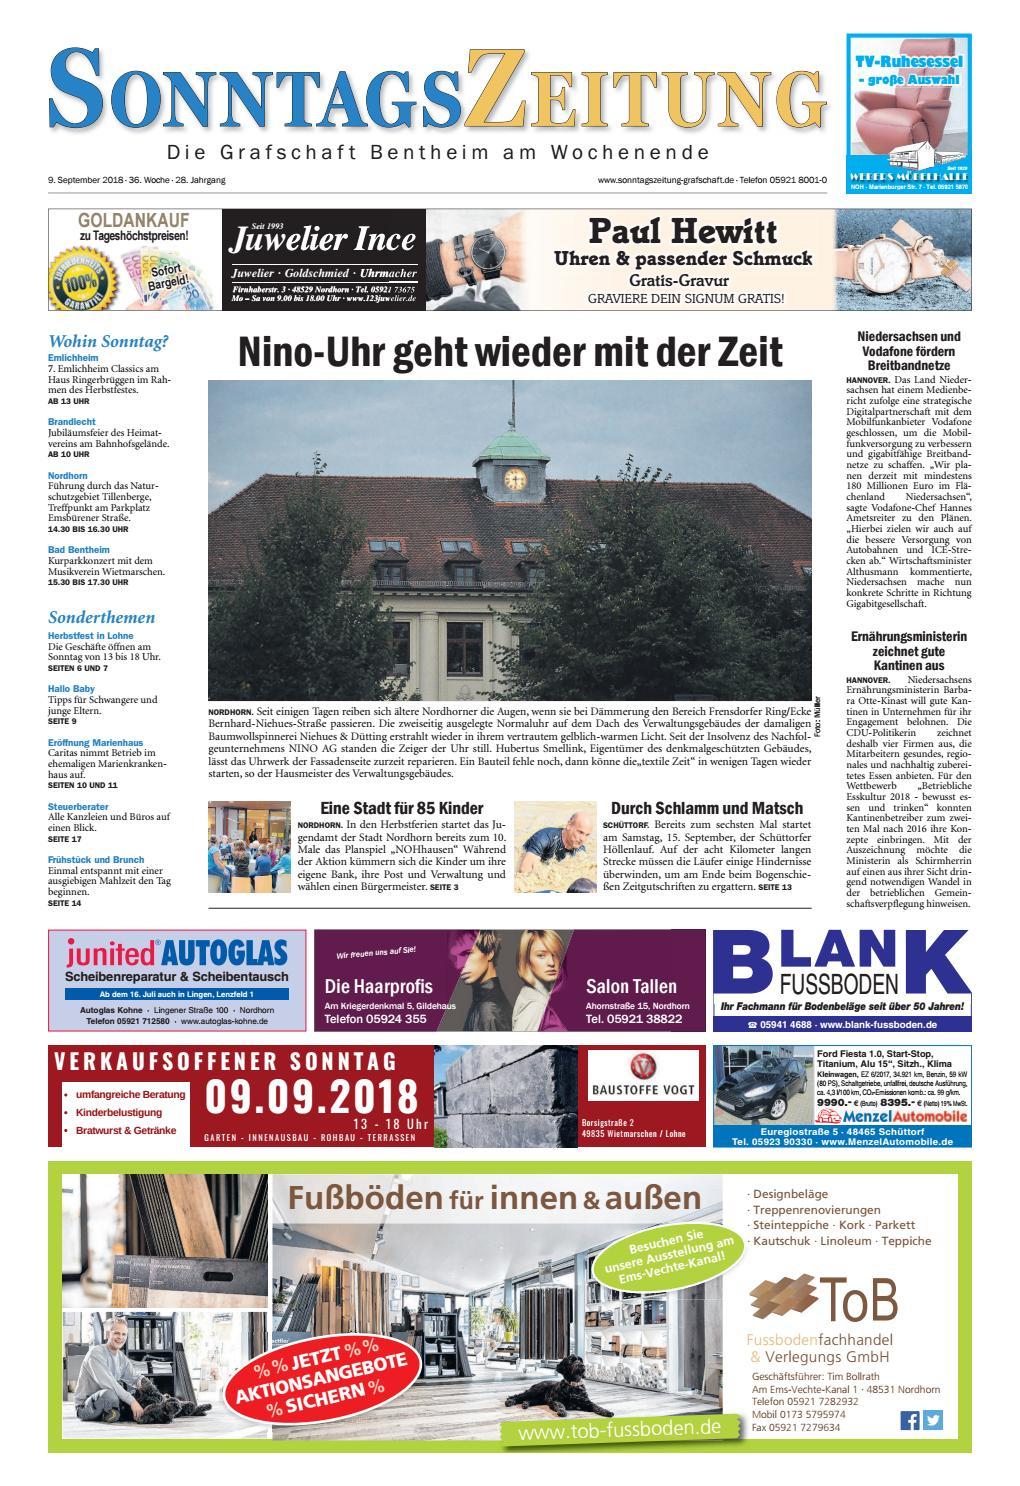 Einfach Zu Reparieren Offizielle Website Werbebanner Inkl Gestaltung Dach Klempner bbd-03 Dach Firma Mit Dachdecker